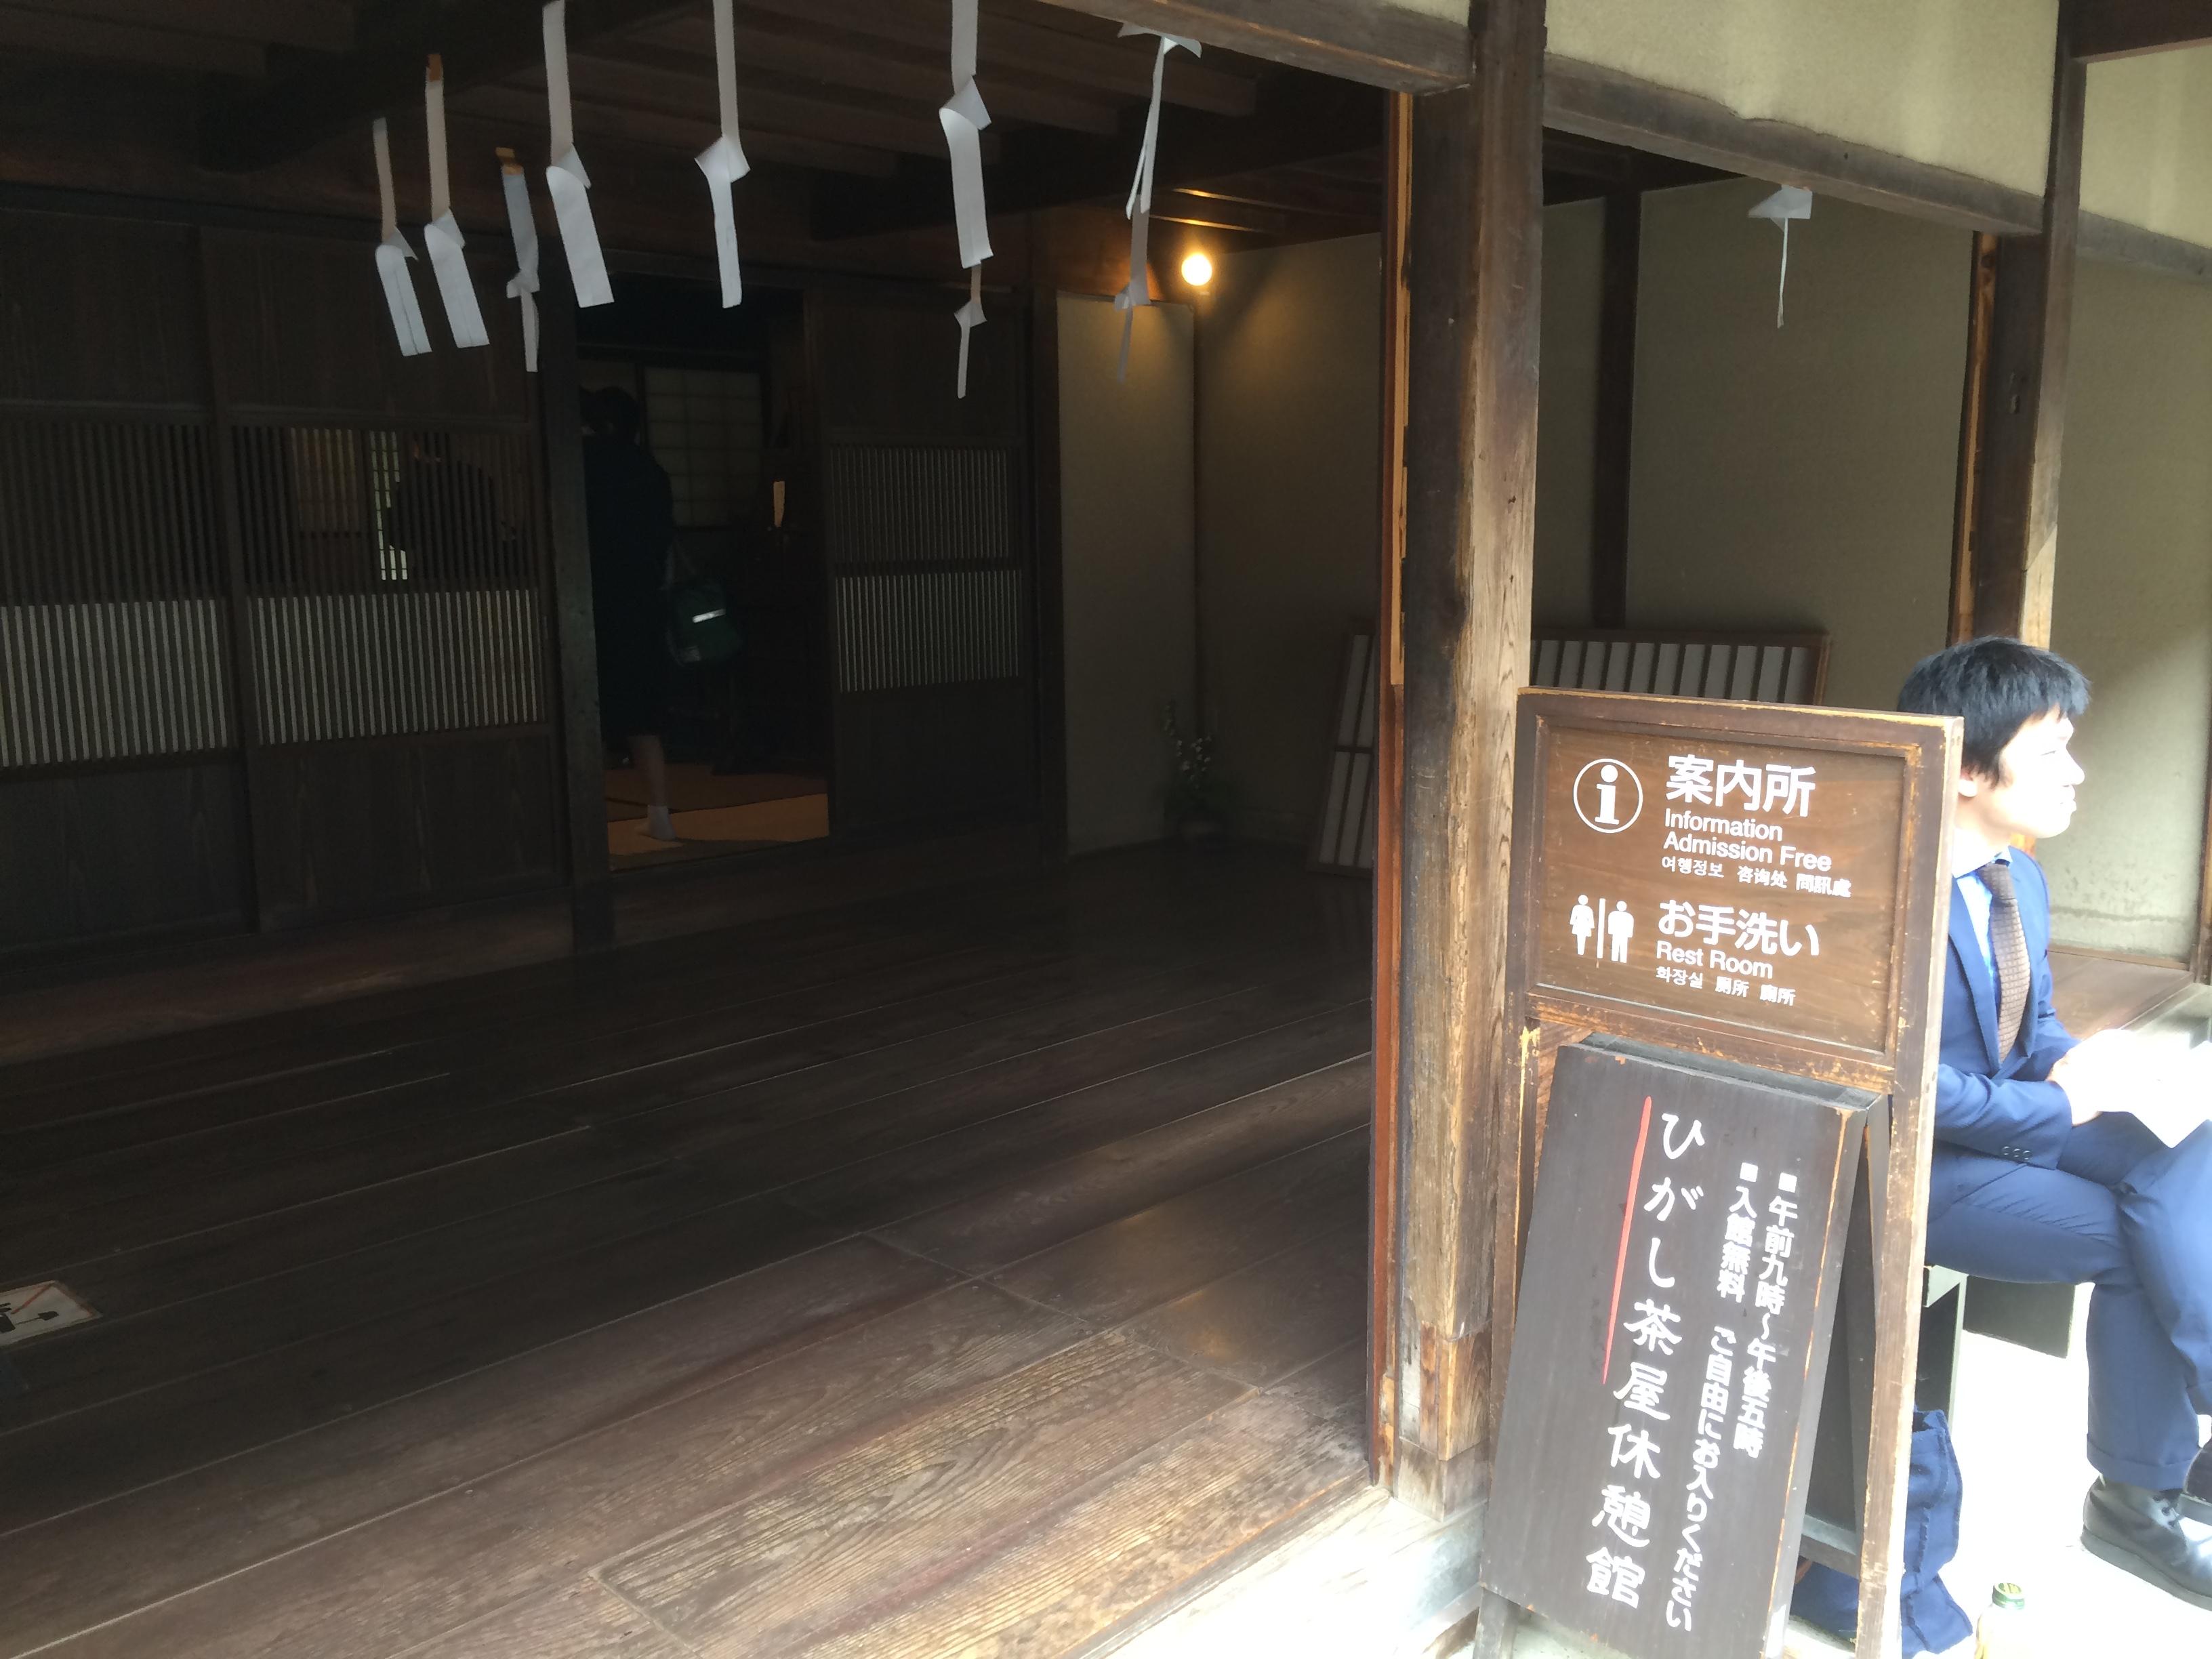 金沢-東の茶屋街-休憩所